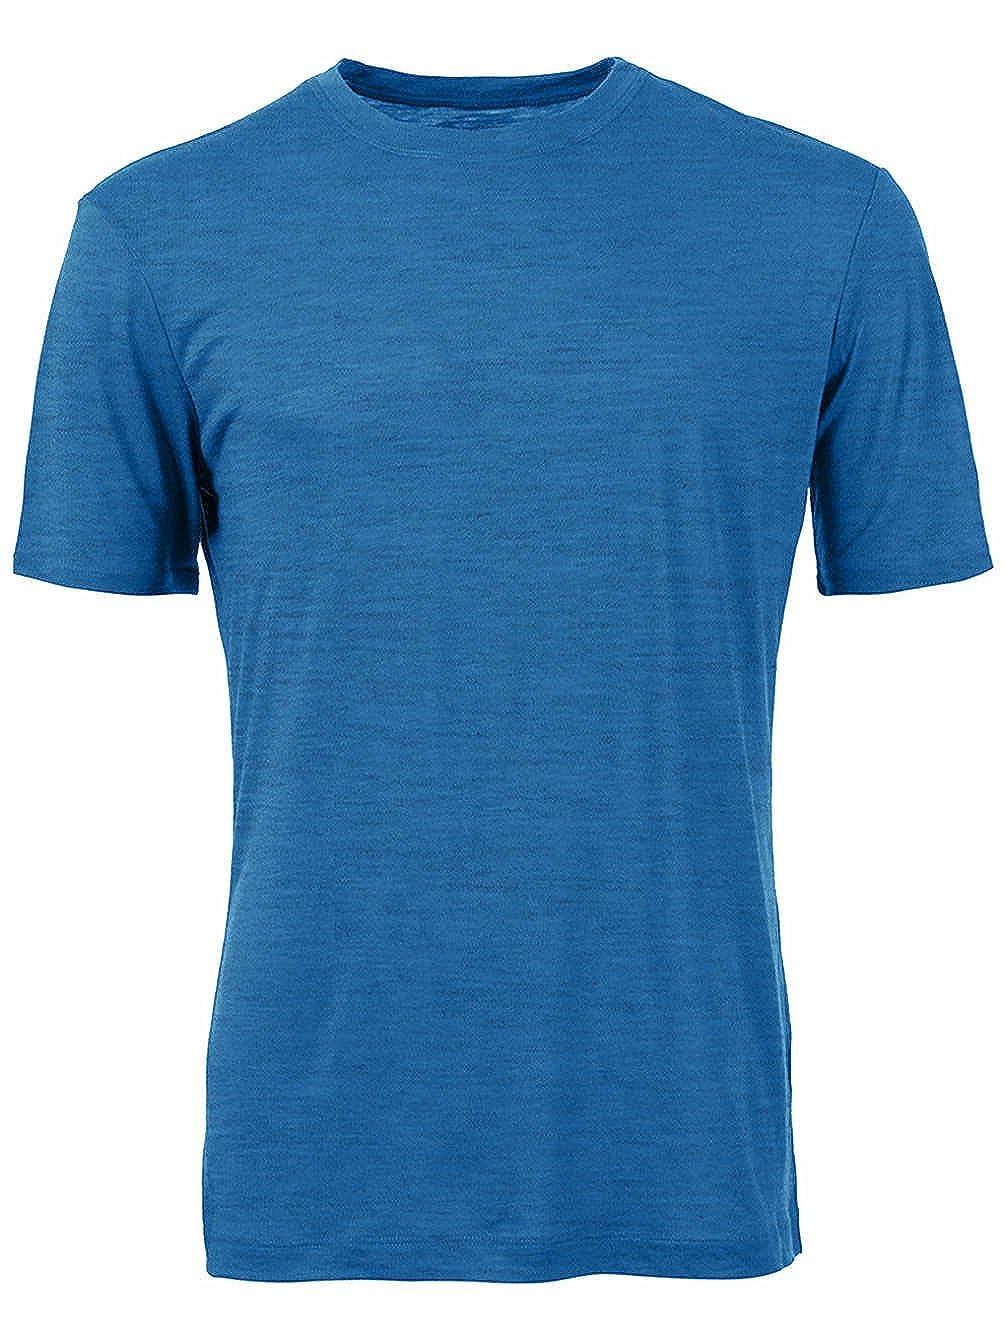 Sport und Freizeit aus 100/% exklusiver Merinowolle DILLING Merino T-Shirt f/ür Herren optimal f/ür Alltag